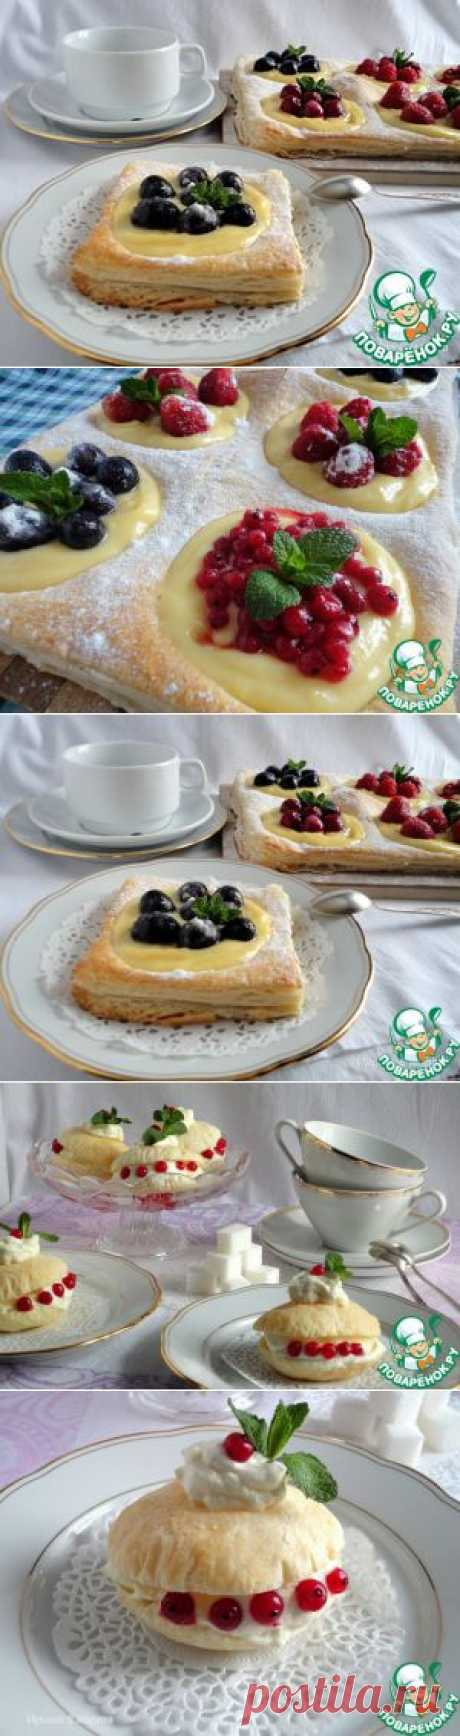 Слоеный пирог с ягодами+пирожные